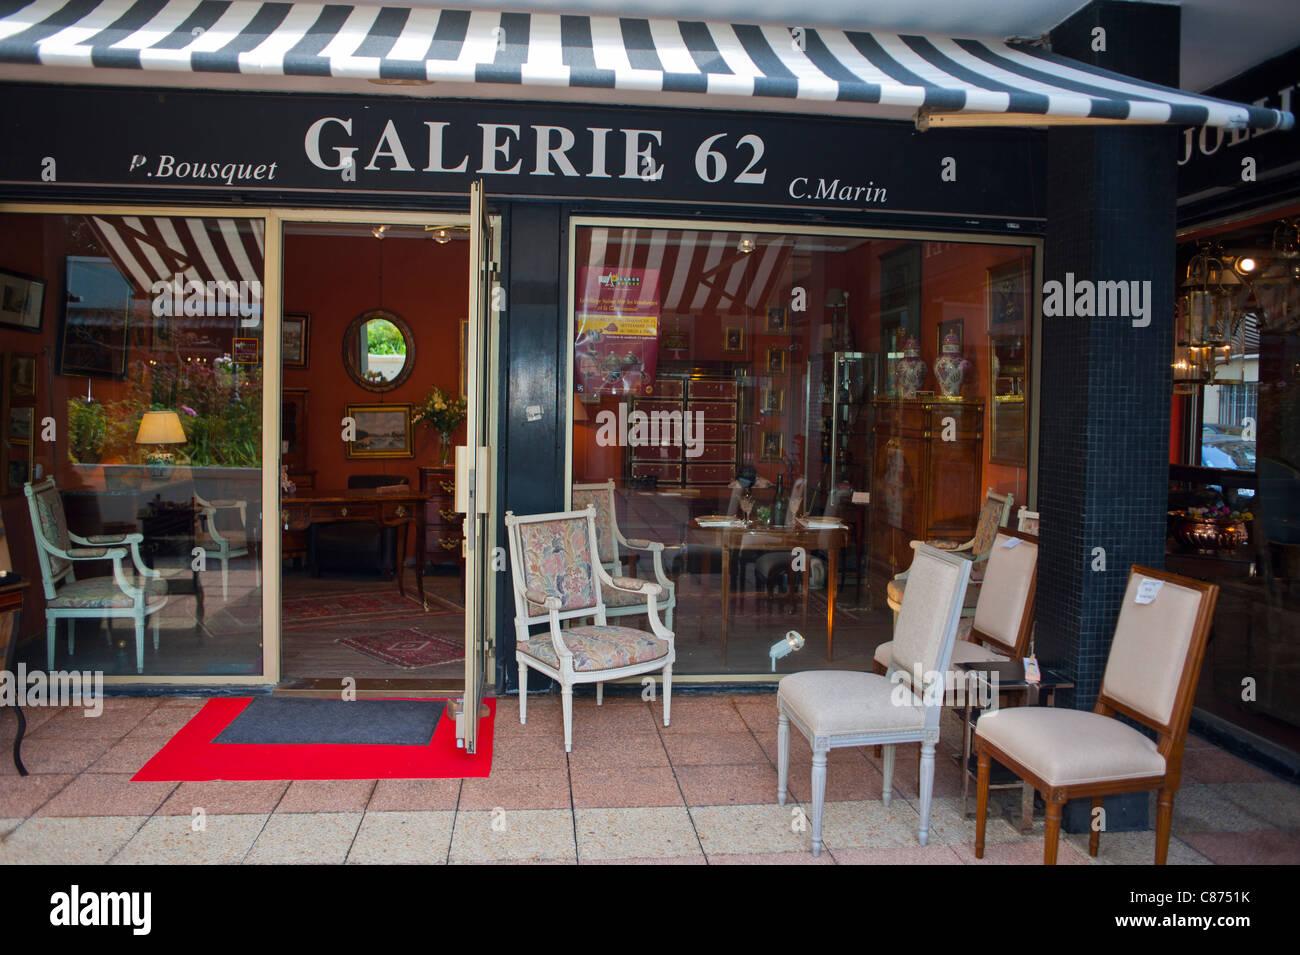 Hervorragend Paris, Frankreich, Französisch Antiquitäten Geschäfte, Village Suisse,  Galerie 62, Möbel Auf Dem Display Außerhalb, Antiquitätenhändler,